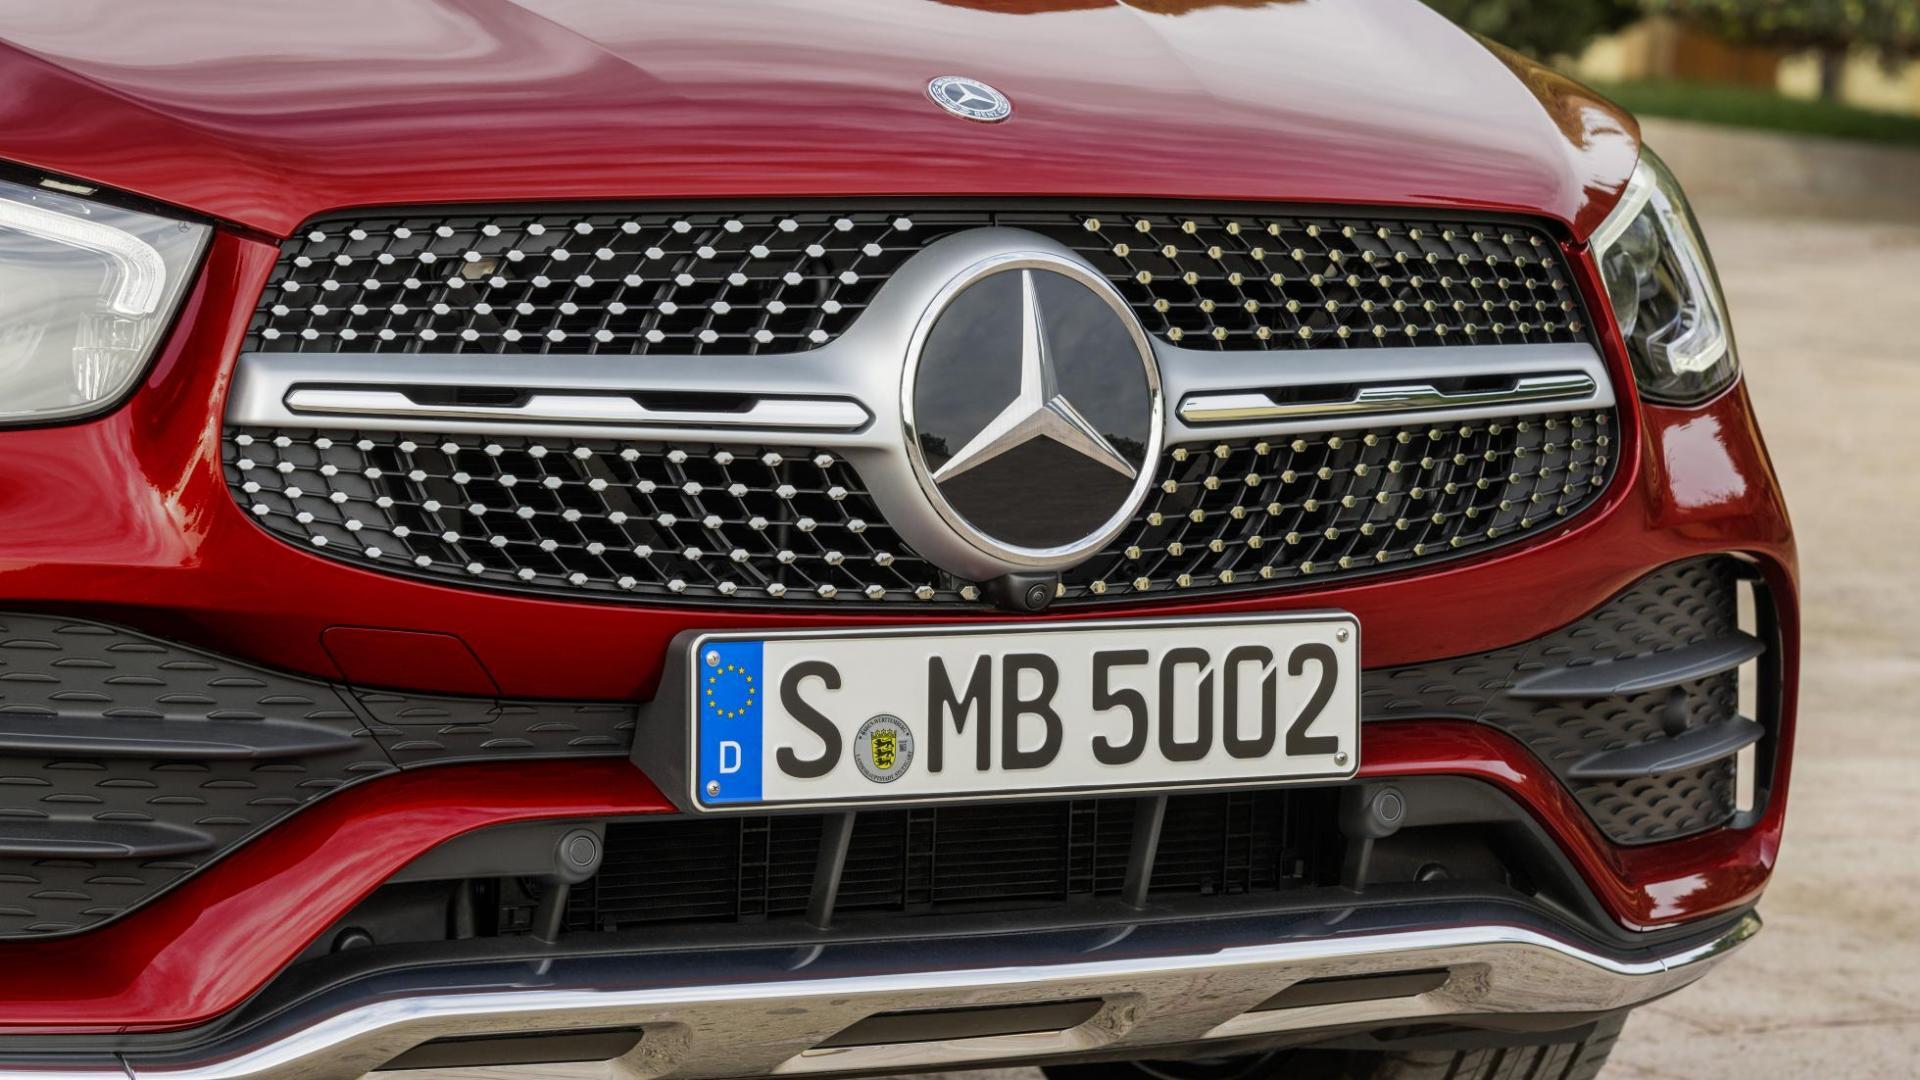 Mercedes GLC Coupé-facelift rood grille